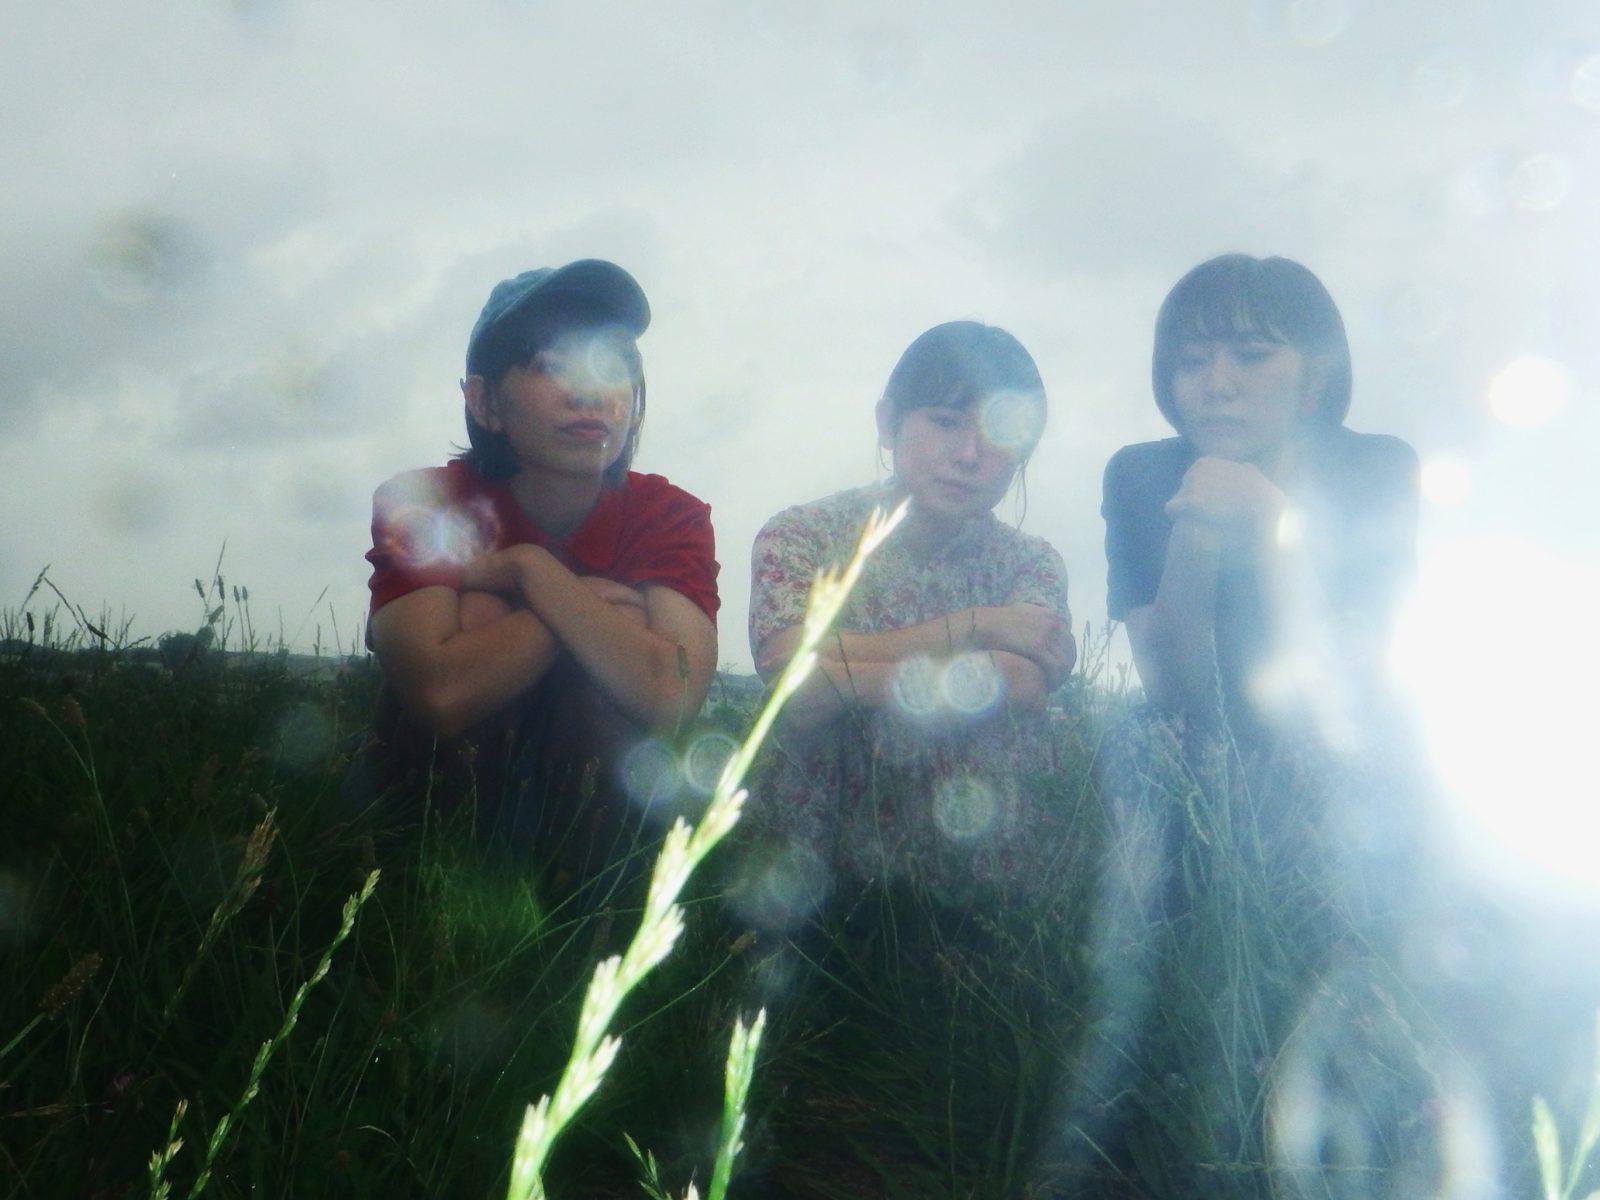 リーガルリリー、映画『惡の華』主題歌「ハナヒカリ」Music VideoがYouTubeにて公開サムネイル画像